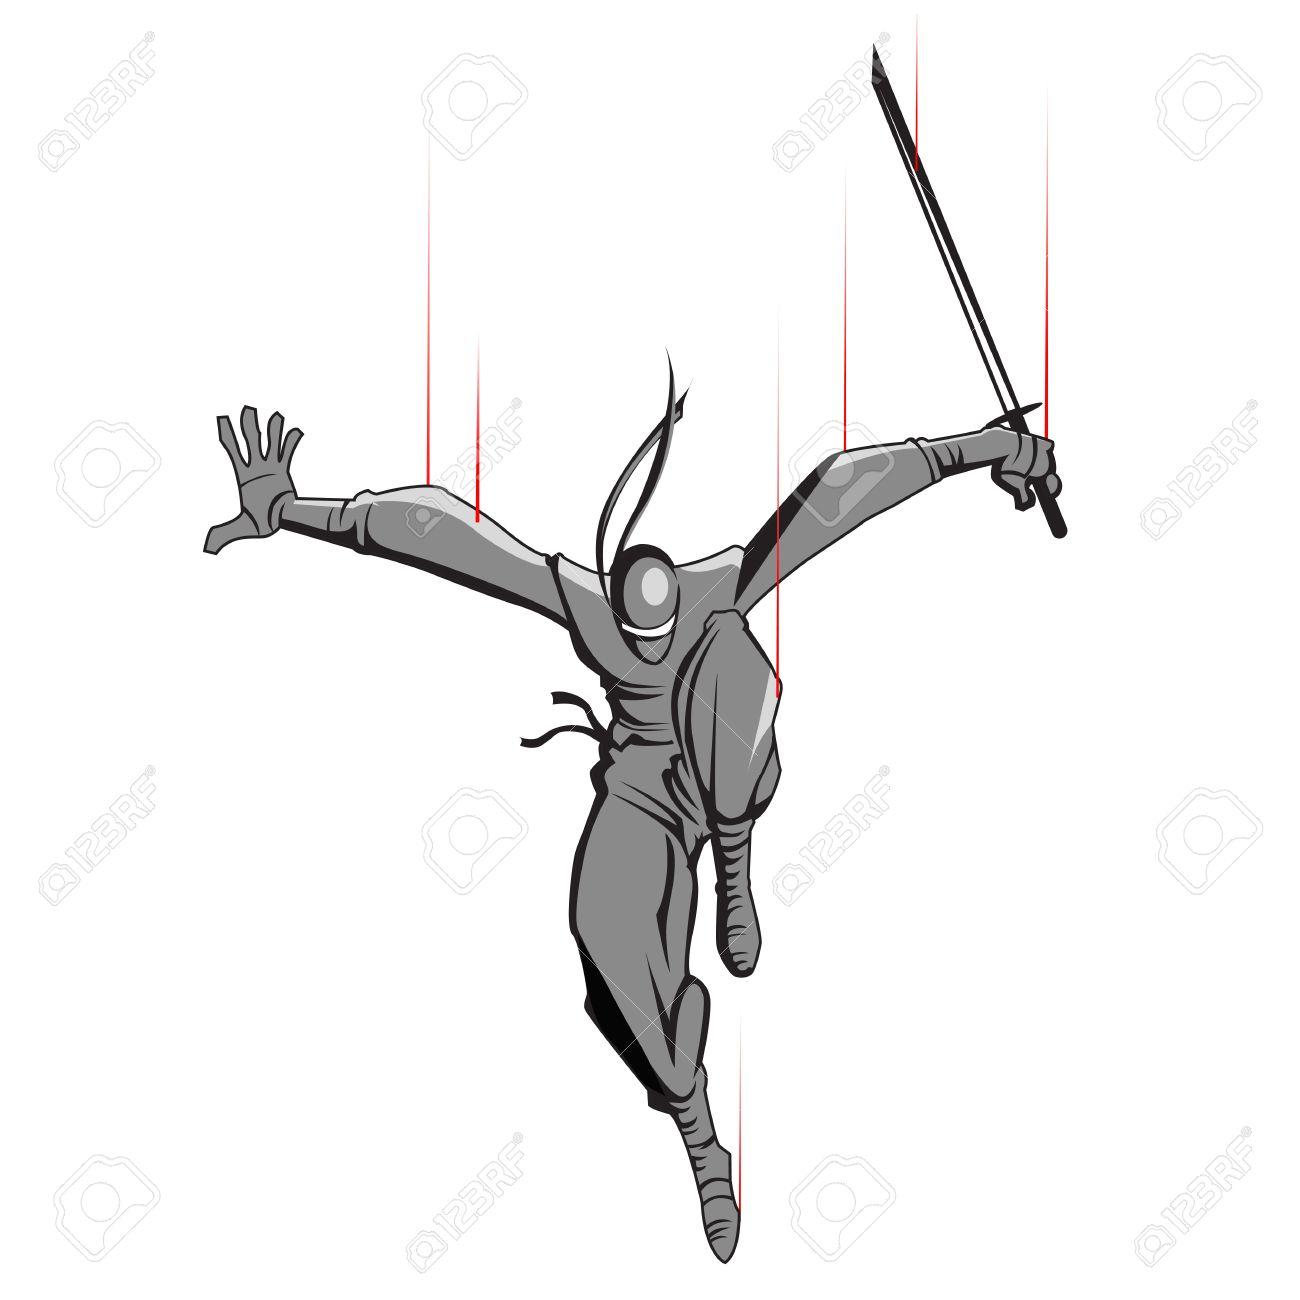 剣の攻撃忍者の戦闘機のイラストのイラスト素材ベクタ Image 12136680